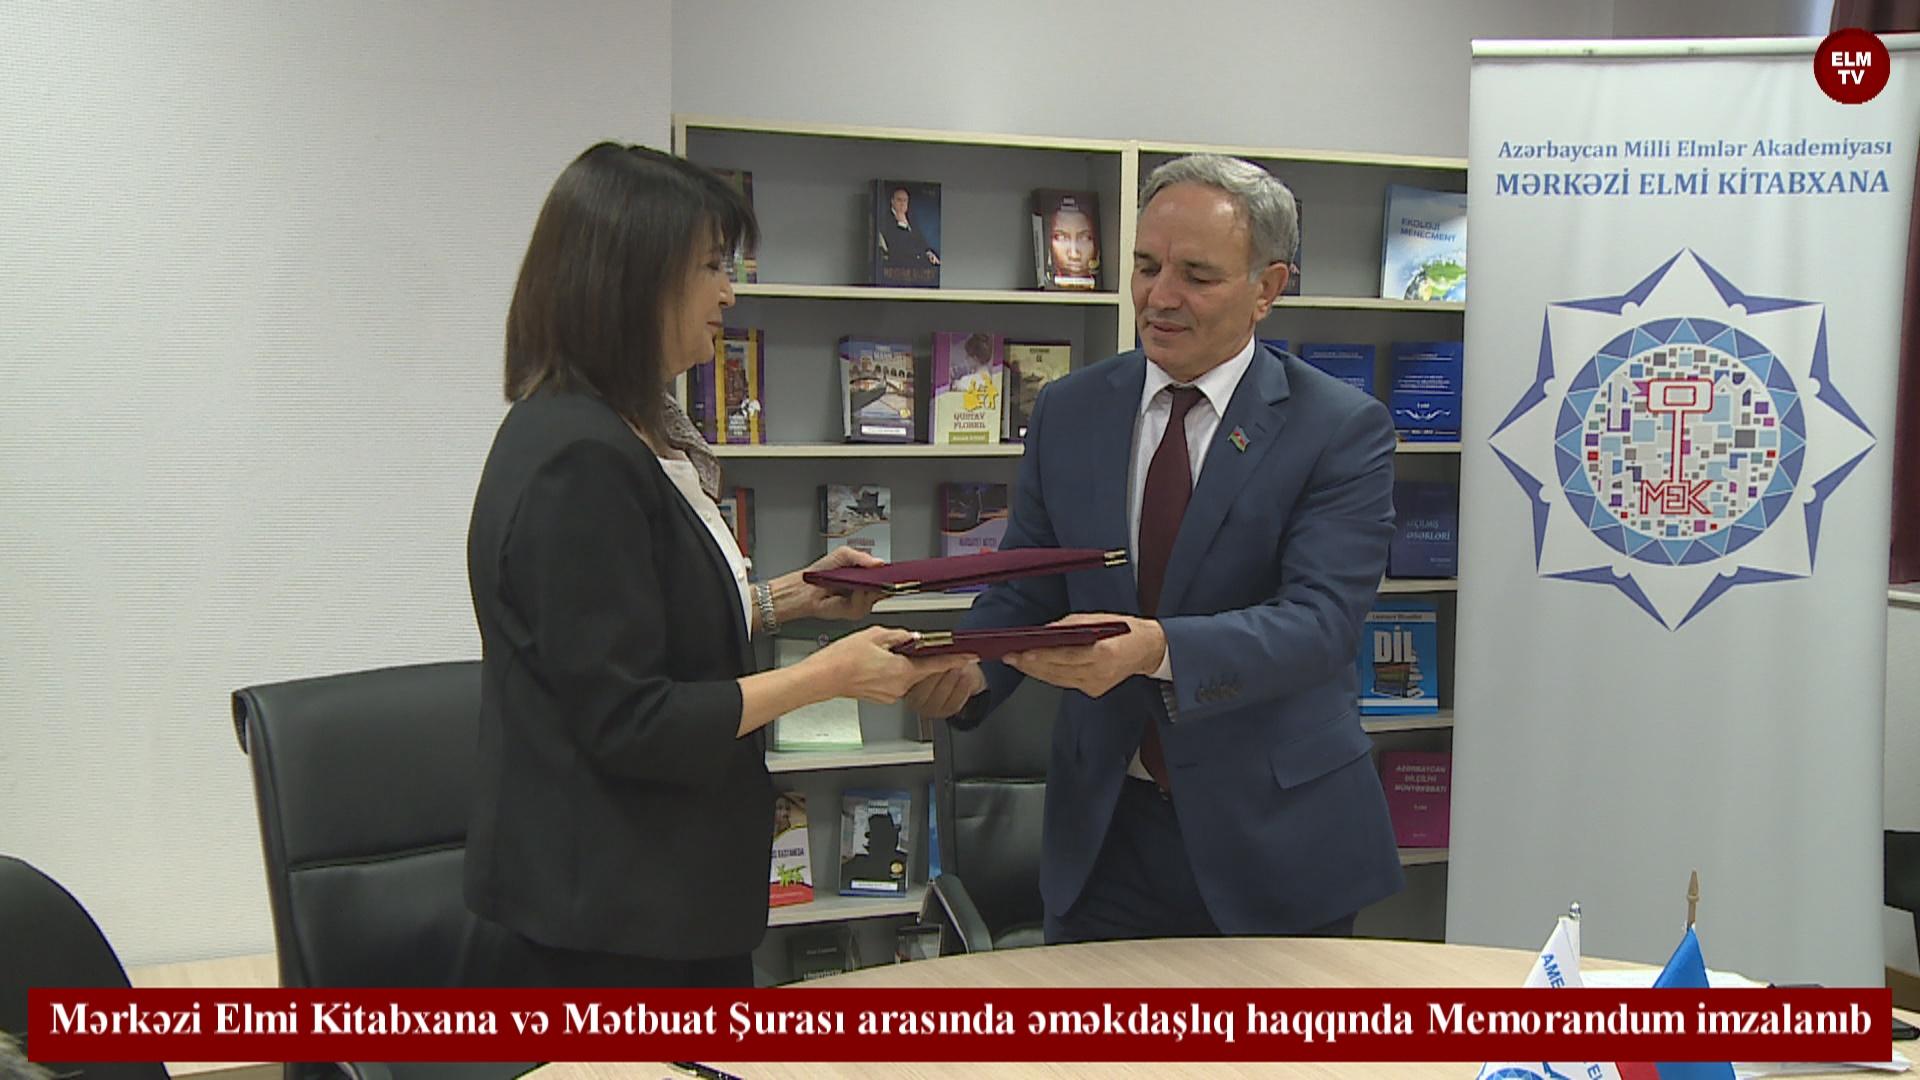 Mərkəzi Elmi Kitabxana və Mətbuat Şurası arasında əməkdaşlıq haqqında Memorandum imzalanıb